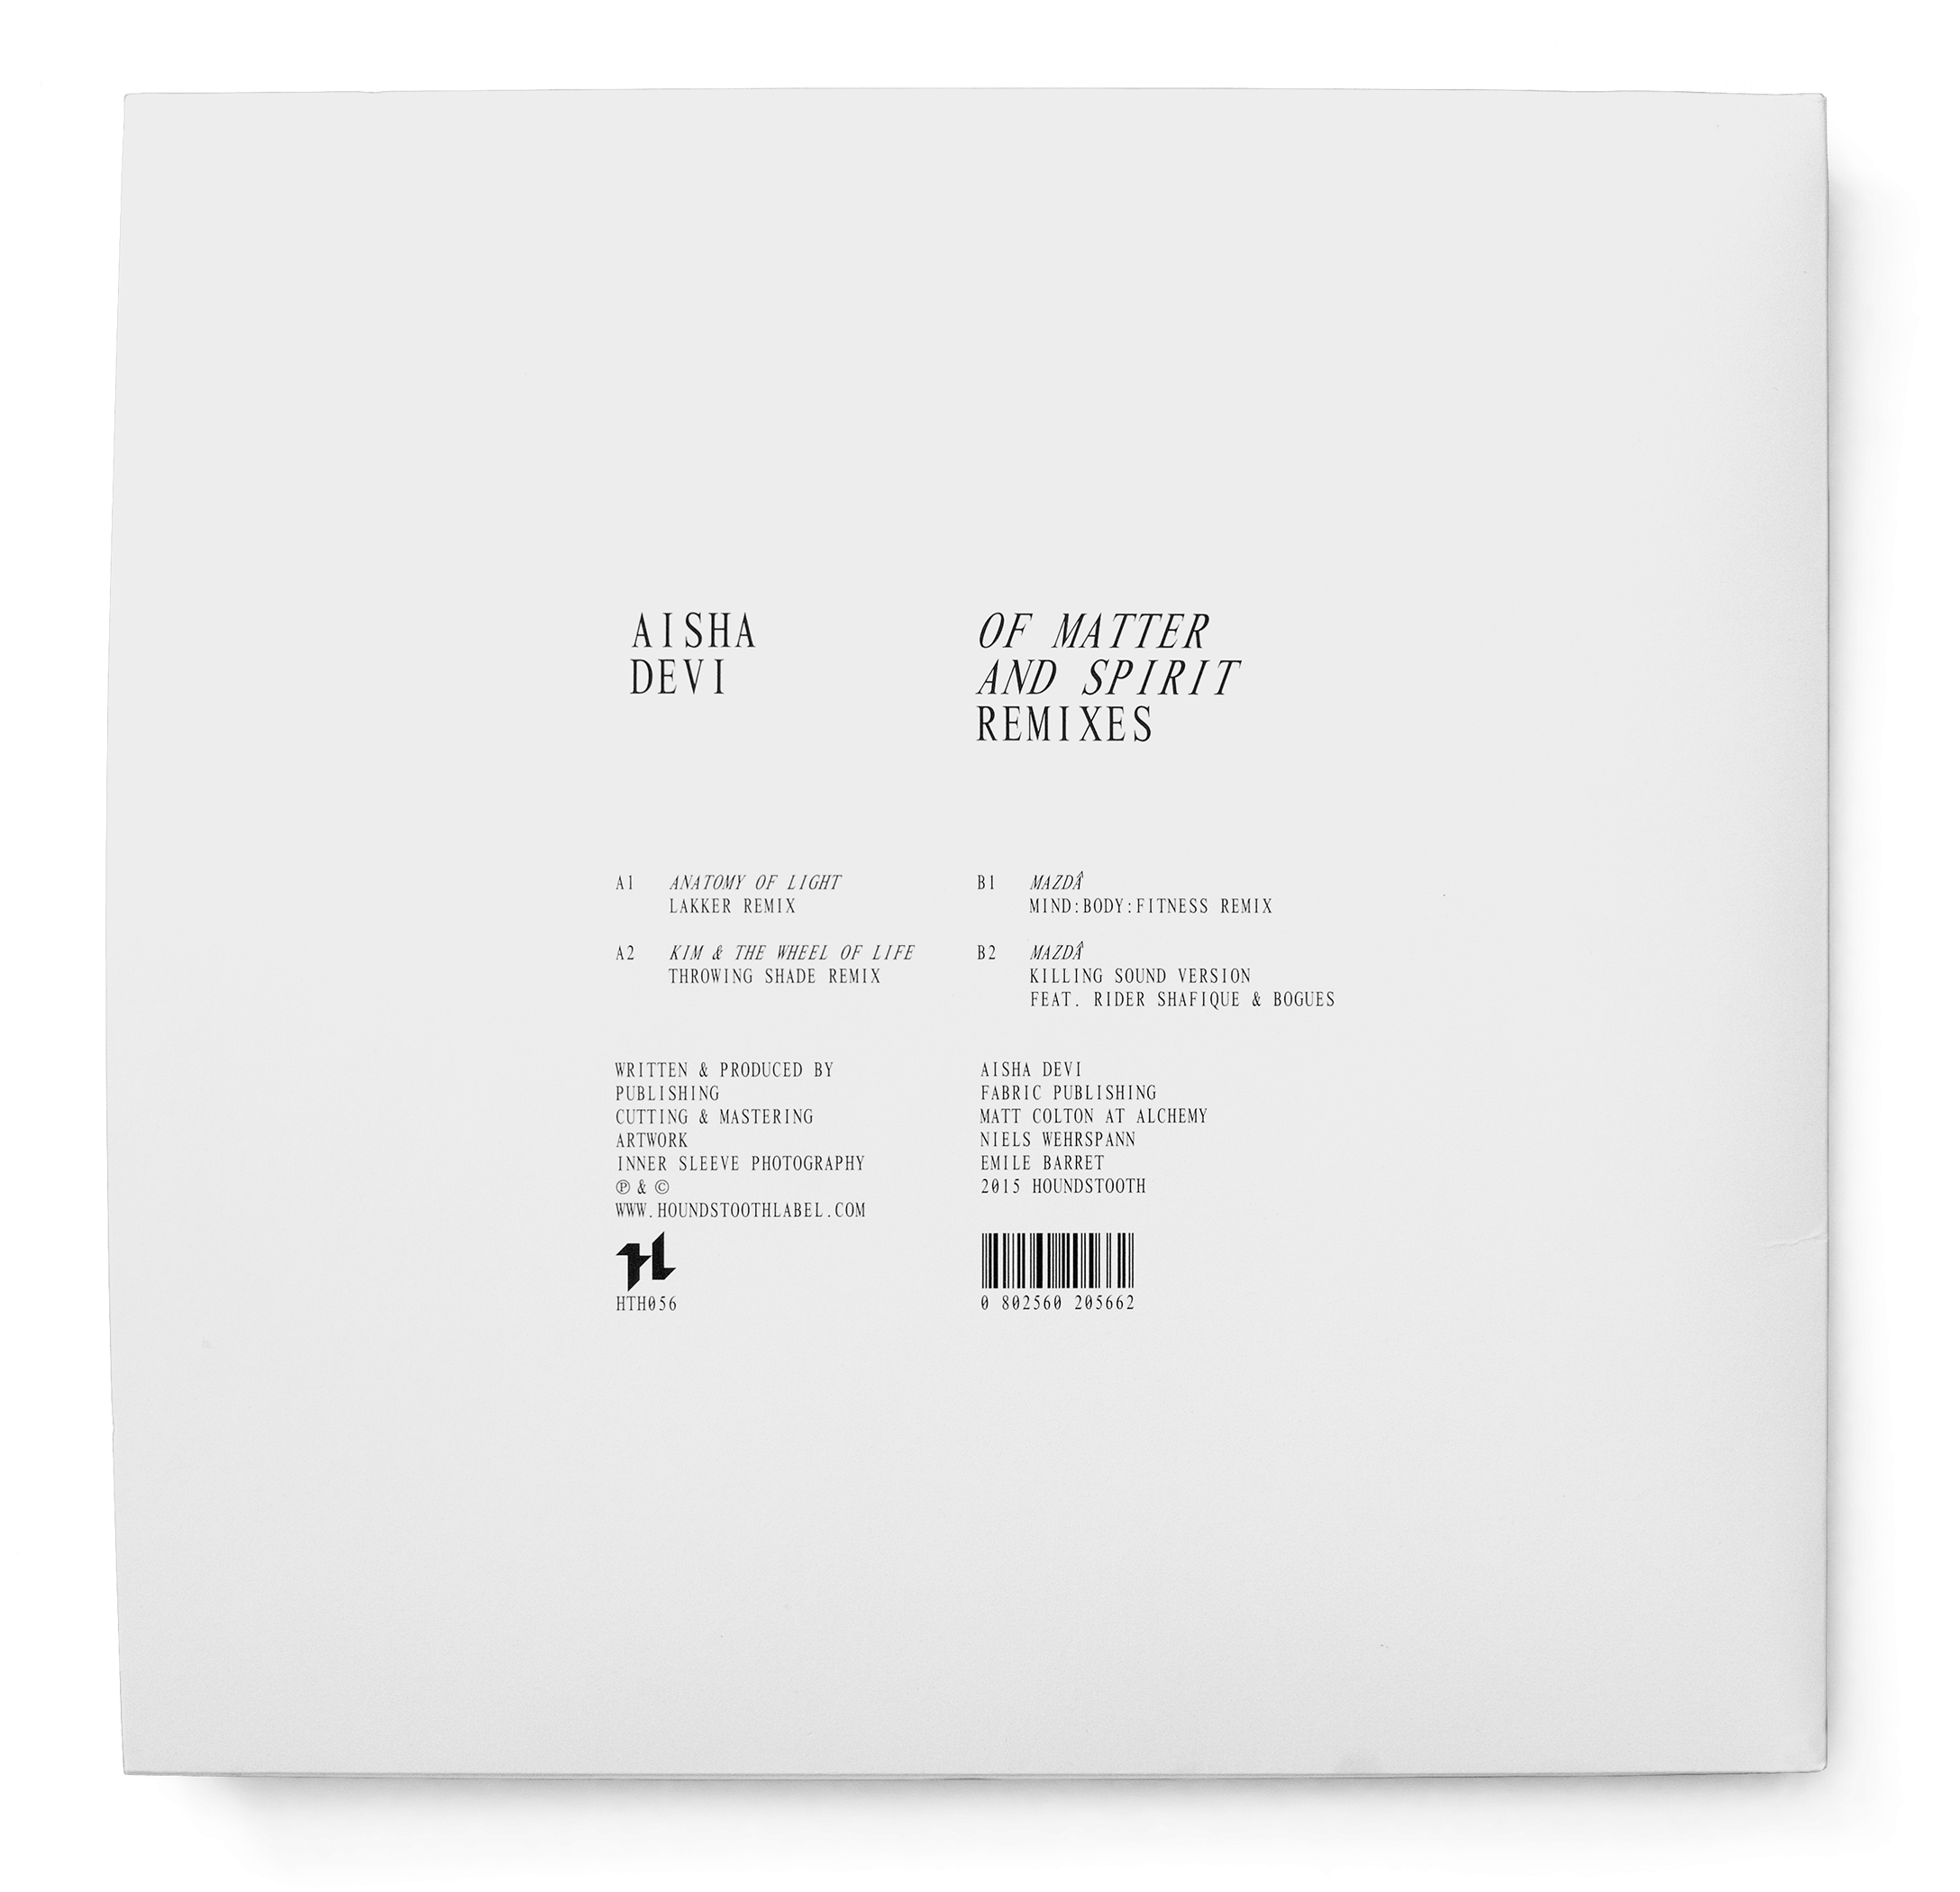 Aisha Devi, Of Matter and Spirit remixes, dos